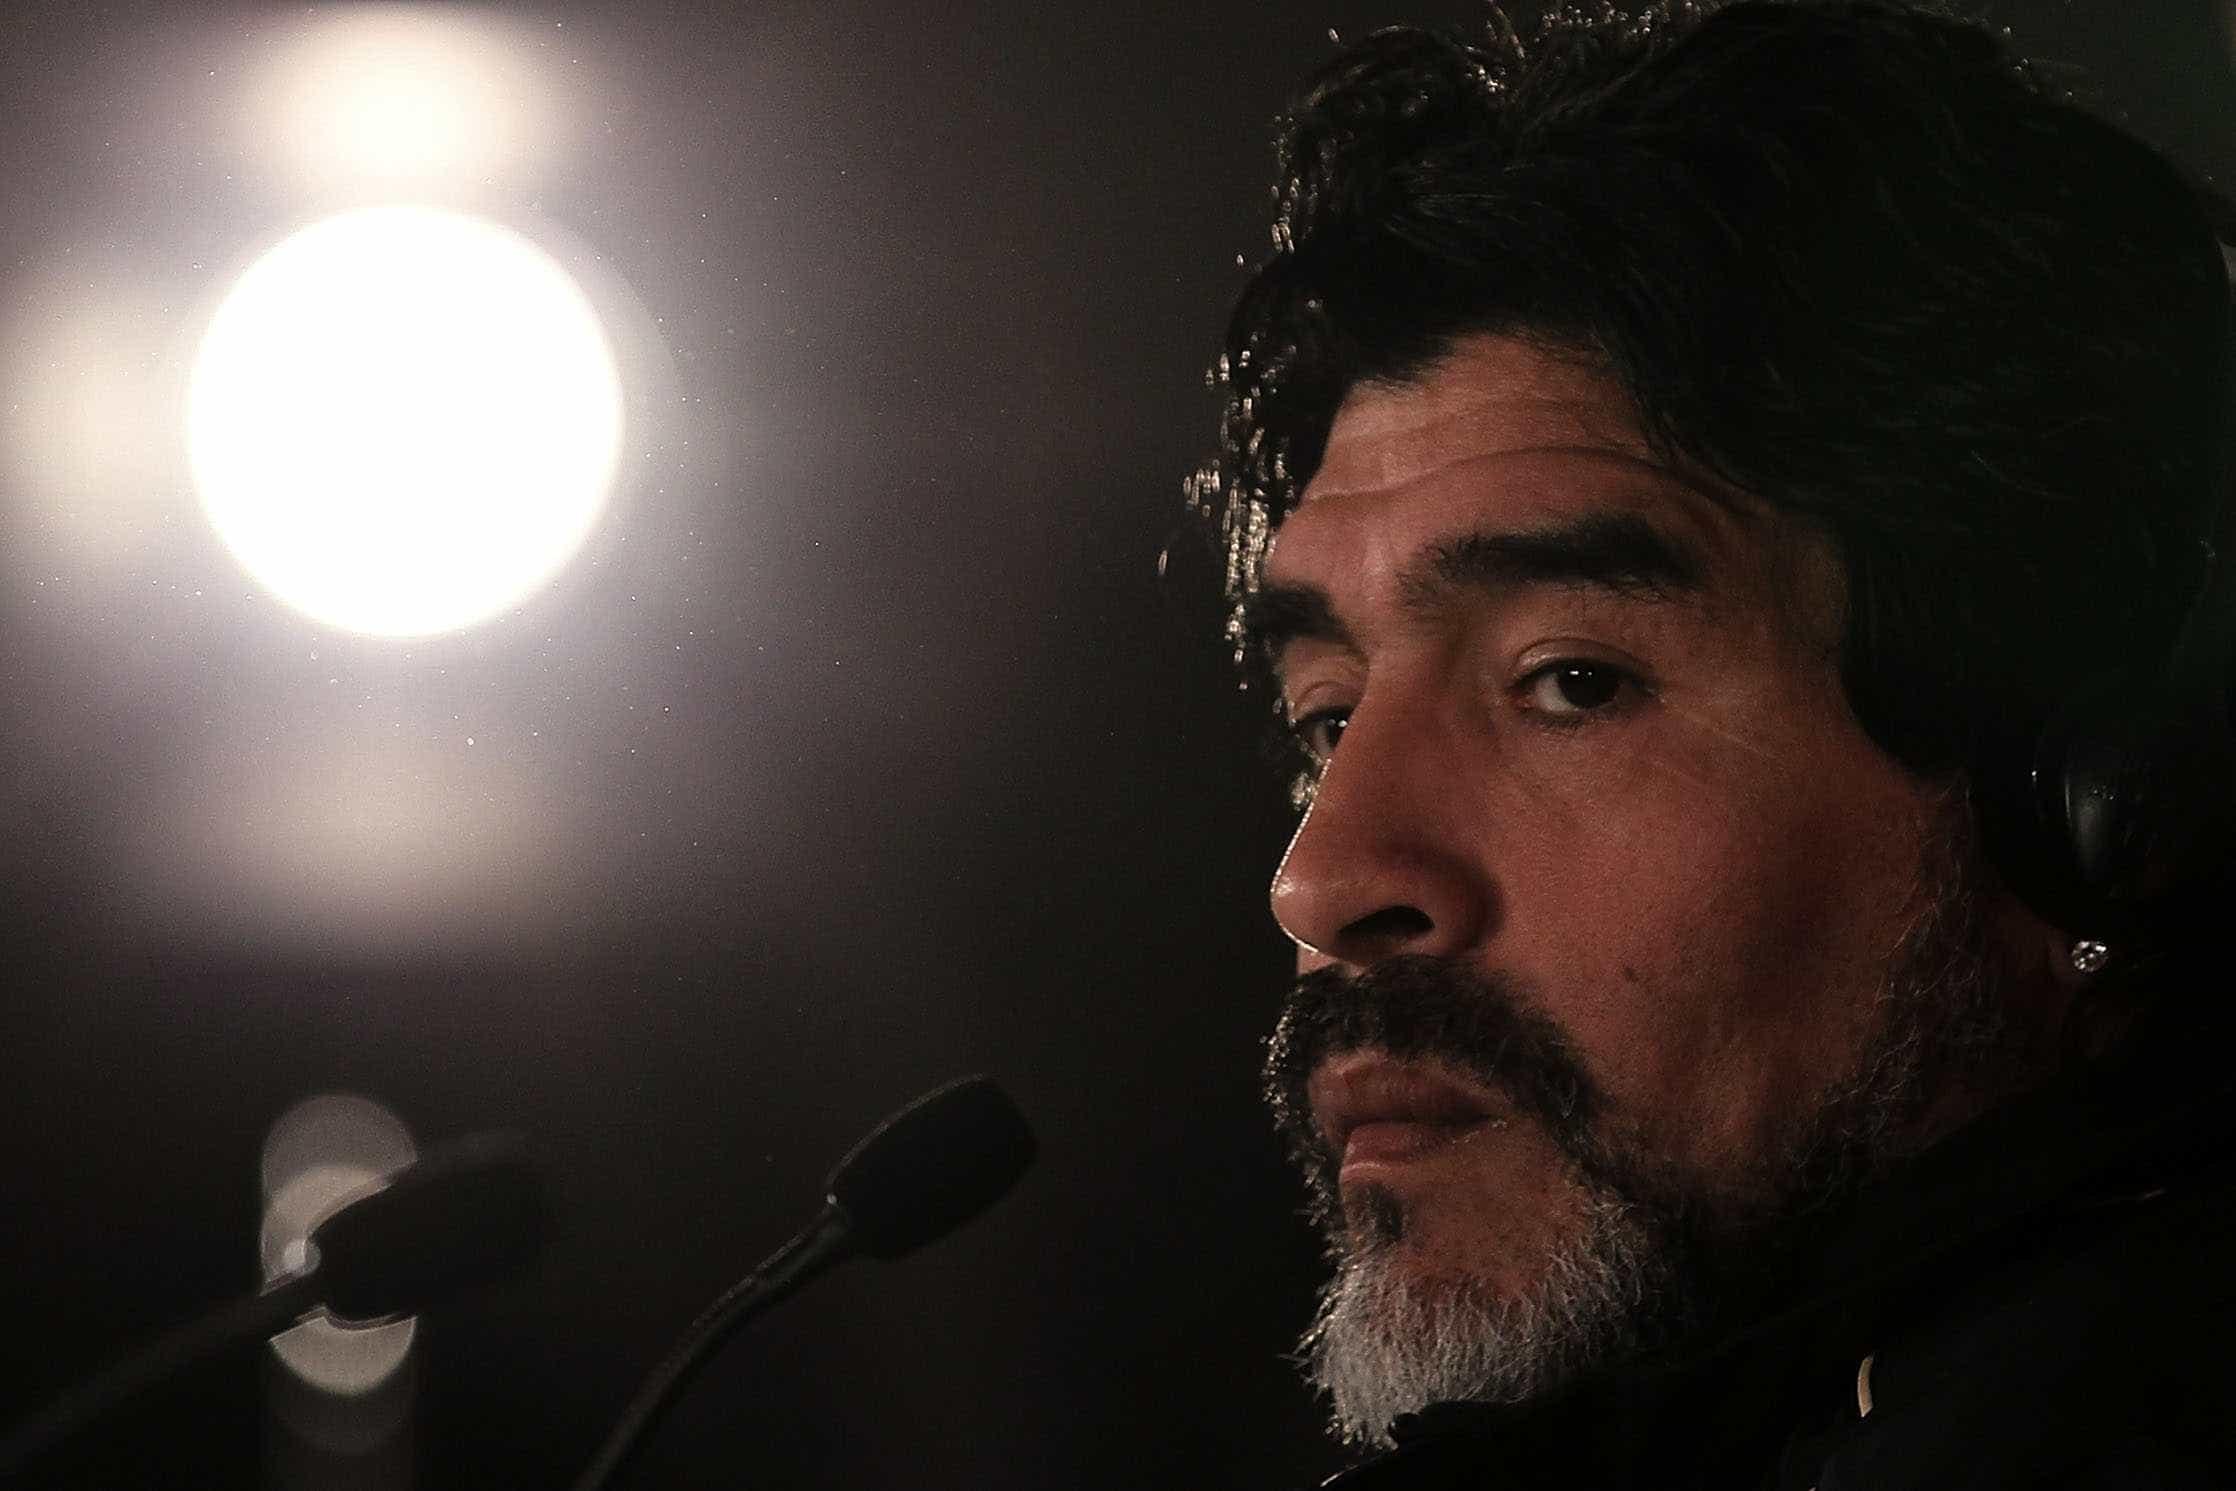 Filha de Maradona: 'Meu pai estava se drogando e a minha irmã entrou'